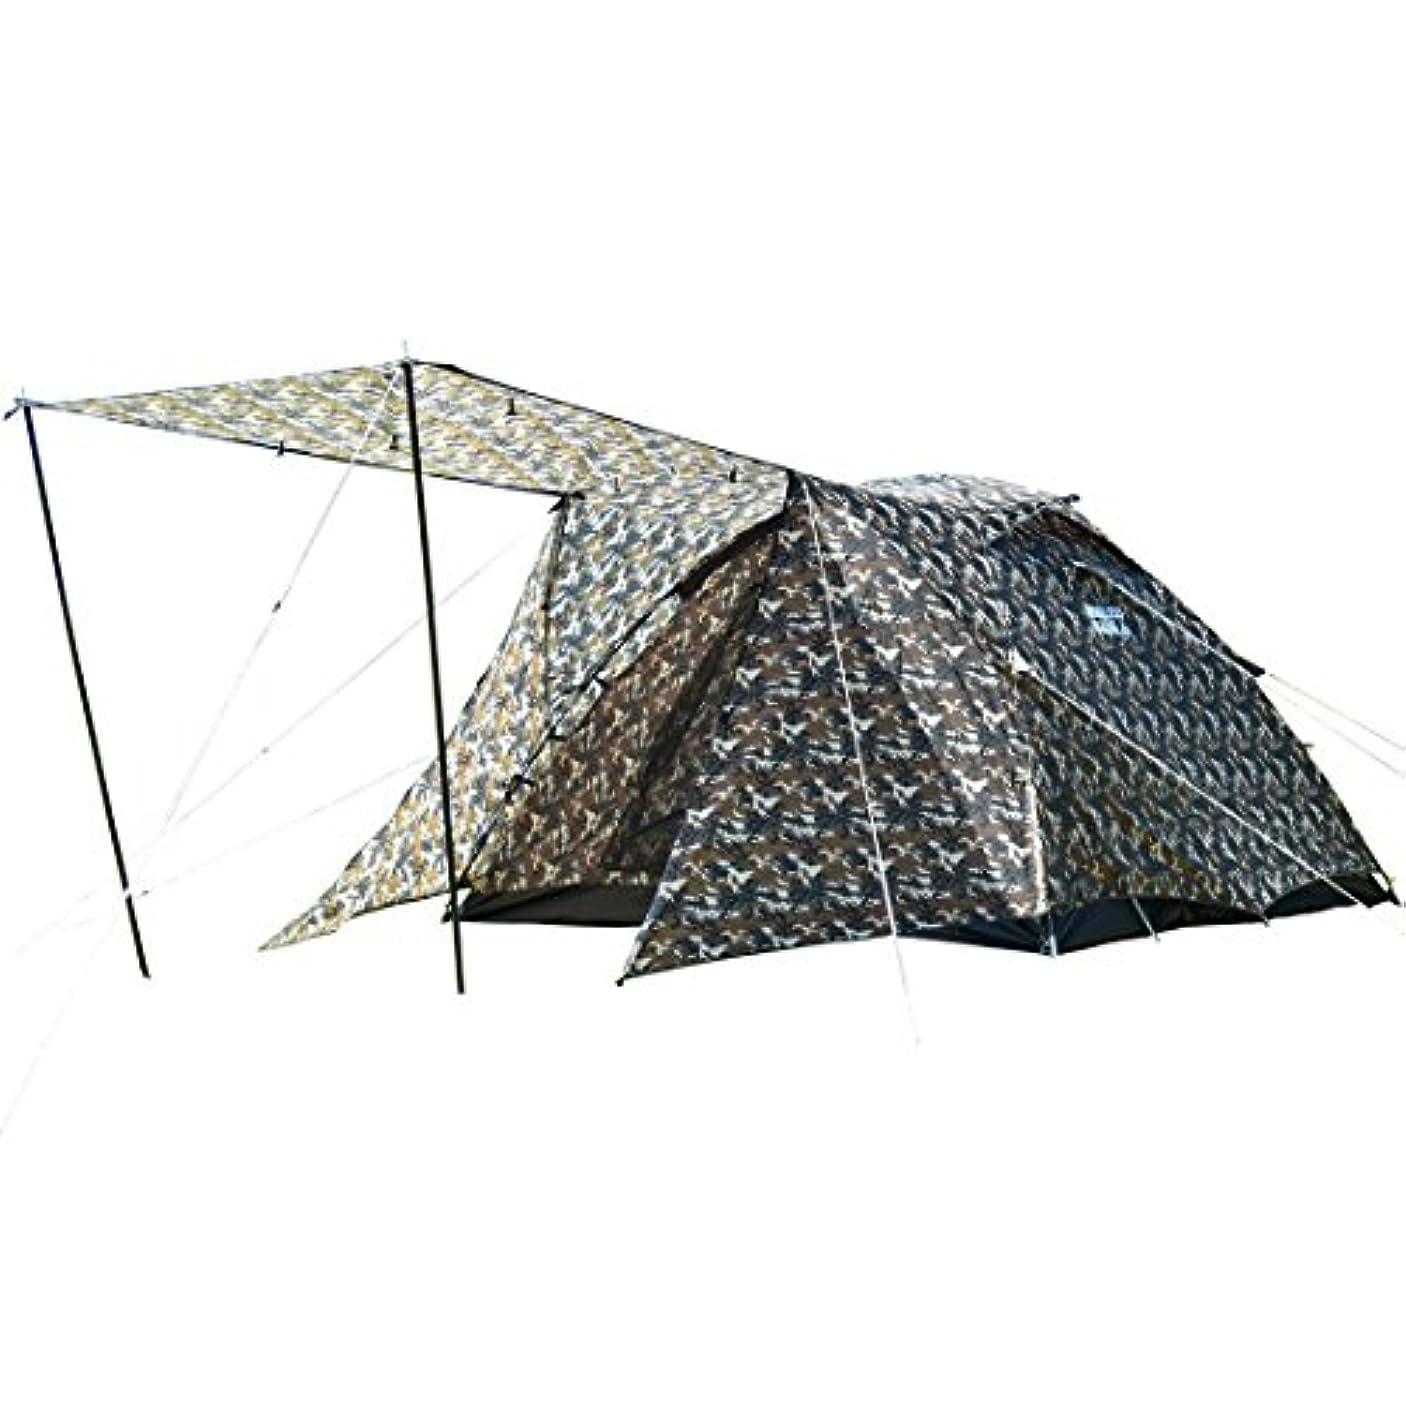 繊毛どんよりしたとまり木タンスのゲン ENDLESS BASE ドームテント 幅300cm 4~5人用 グラスファイバーボールフレーム キャンプ用品(ペグ×21本 / ロープ10本 / 専用収納ケース)カモフラ 44400006 01